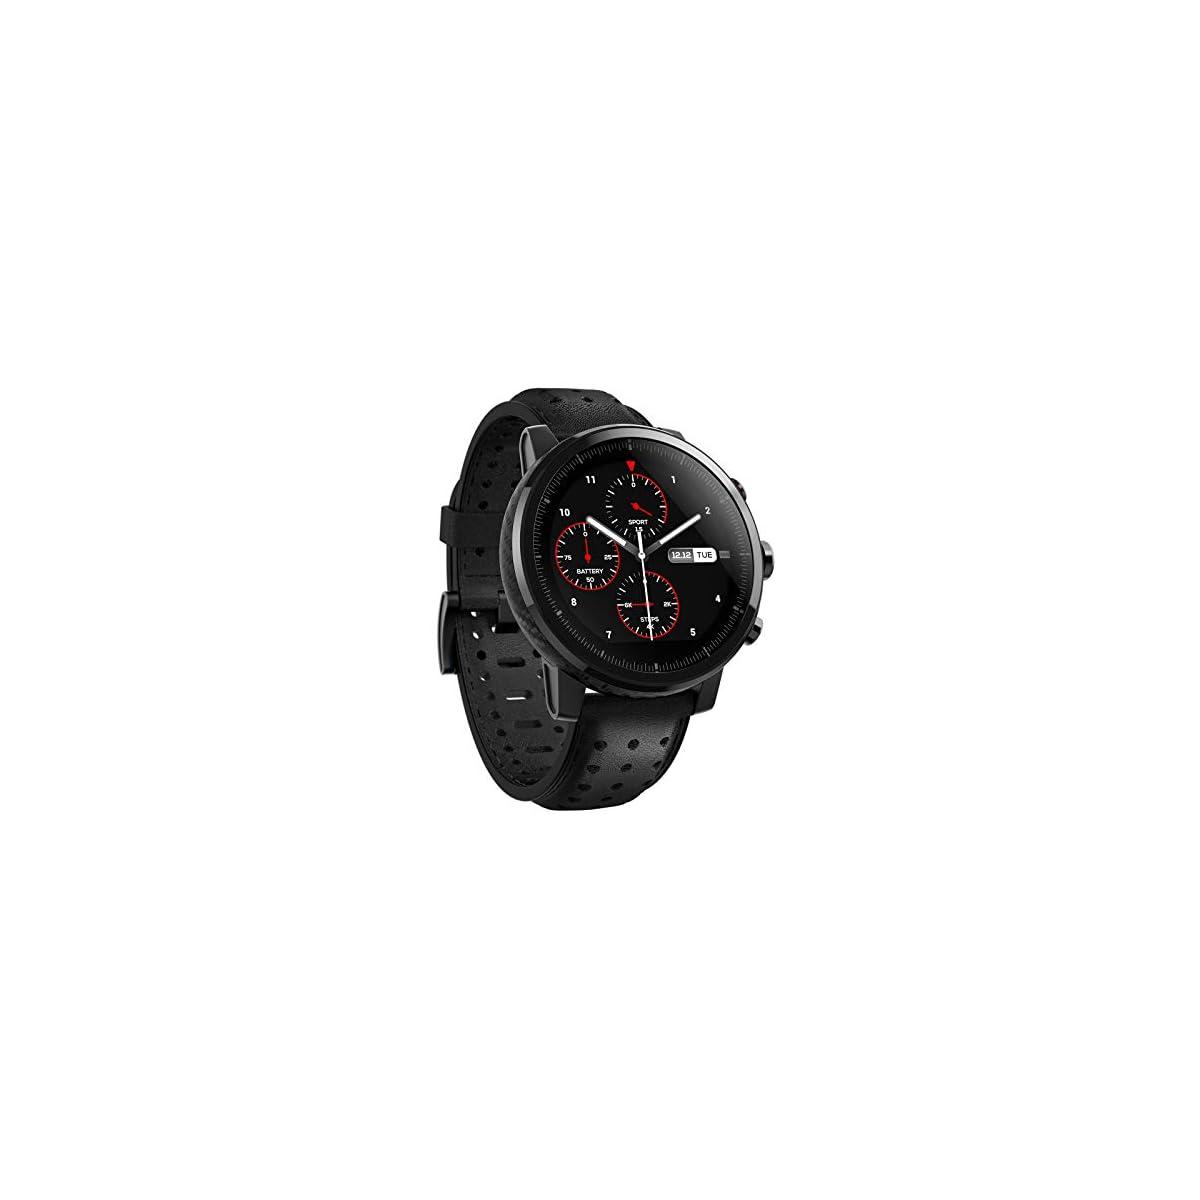 41CdRk%2Bh6bL. SS1200  - Xiaomi Amazfit Stratos 2S- Smartwatch Multisport, Bisel de cerámica pulida, Cristal de zafiro 2.5D, Resistente al agua hasta 50 metros, VO2 max, hasta 5 días de batería, Bluetooth, diseño premium